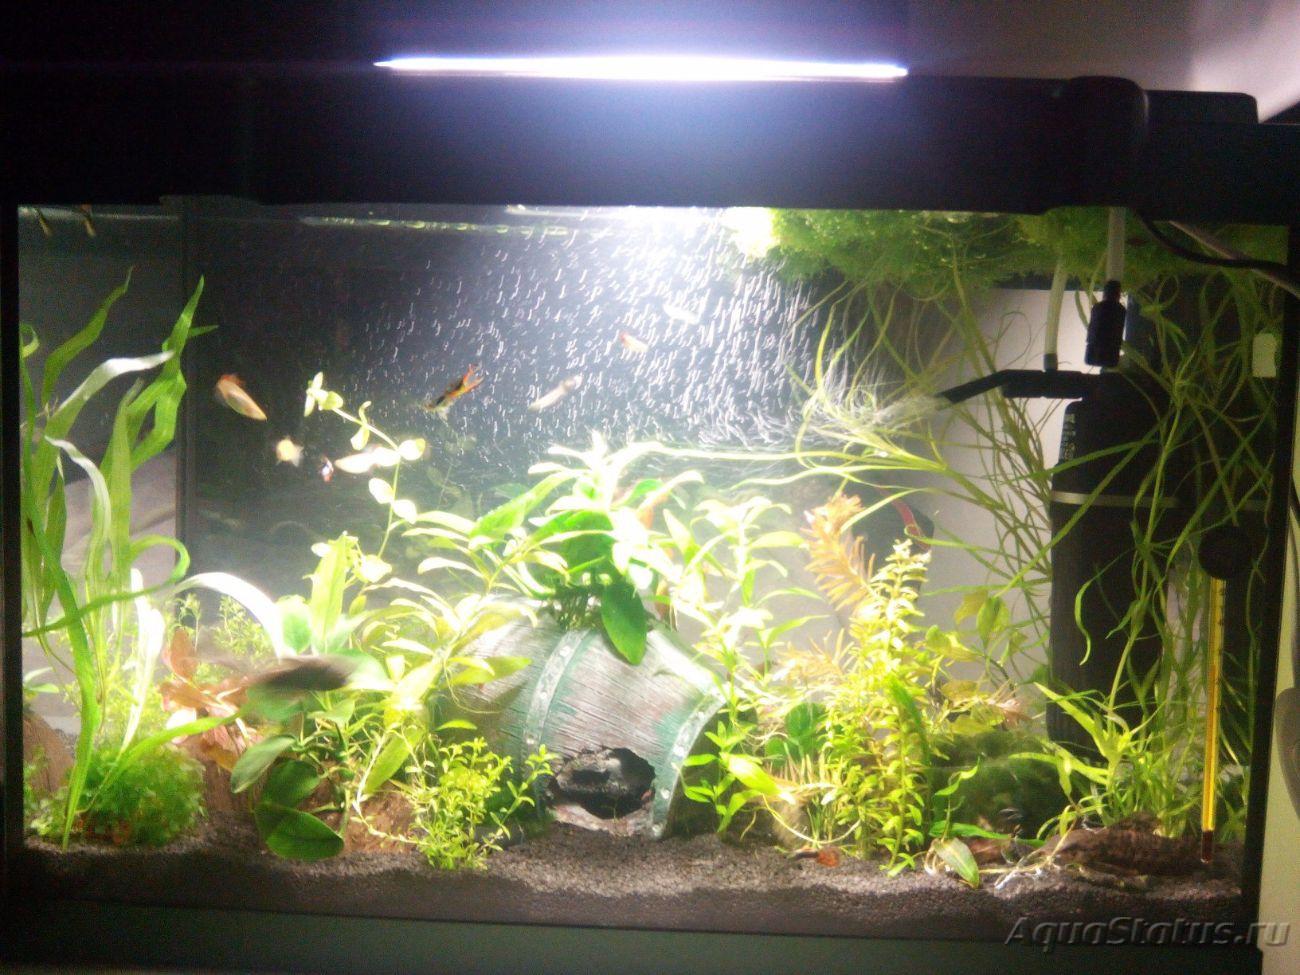 Как сделать воду в аквариуме мягче фото 638